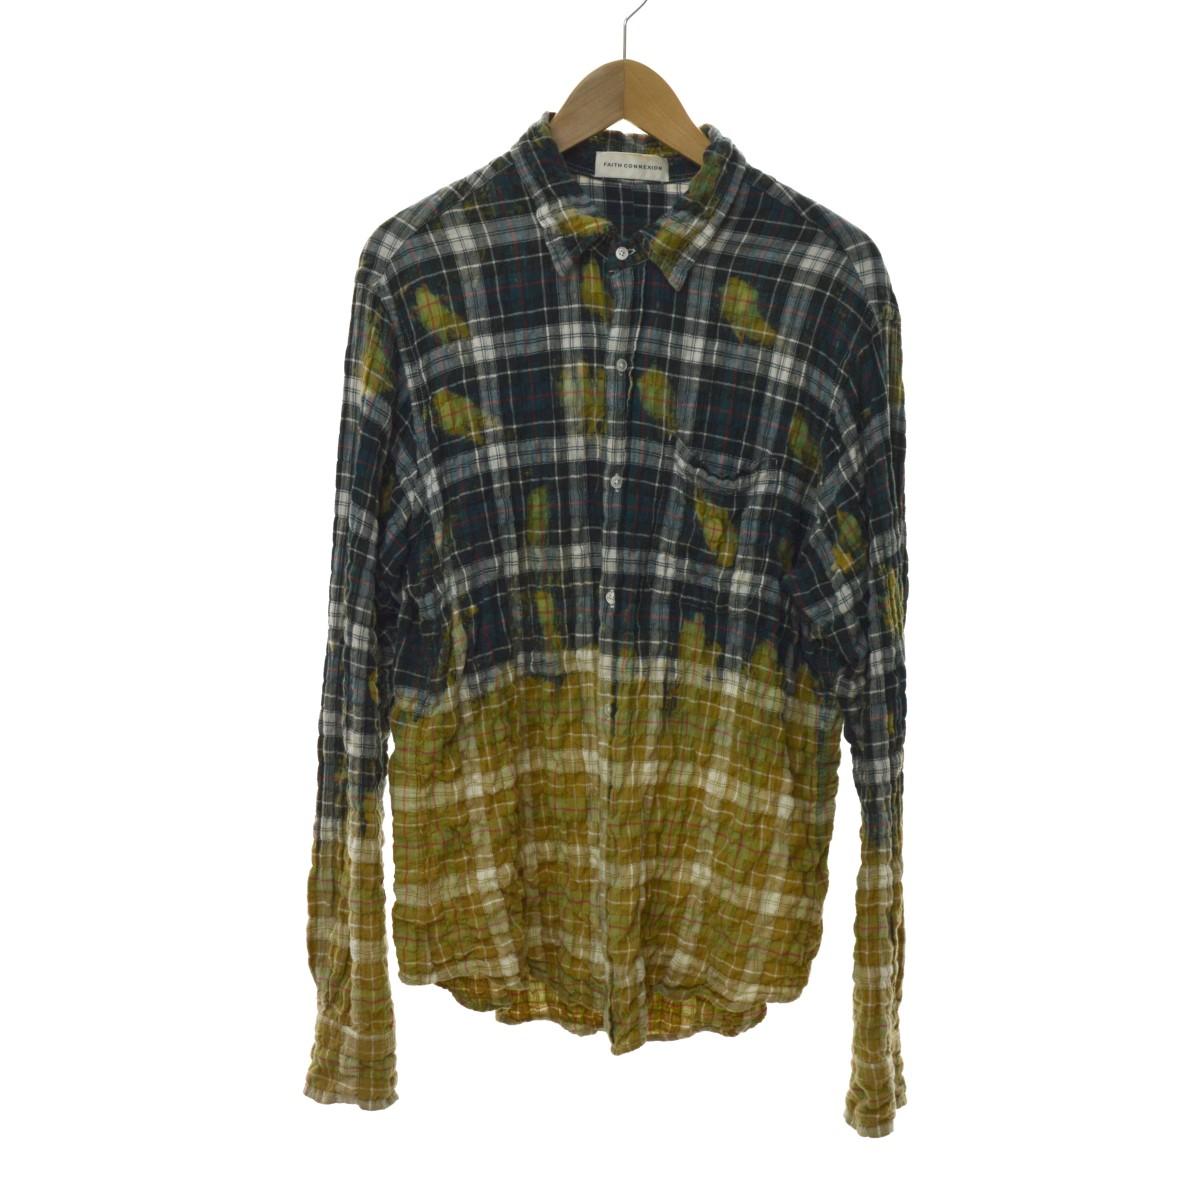 【中古】Faith Connexion Check loose Shirt チェックシャツ グリーン×ベージュ サイズ:S 【170420】(フェイスコネクション)